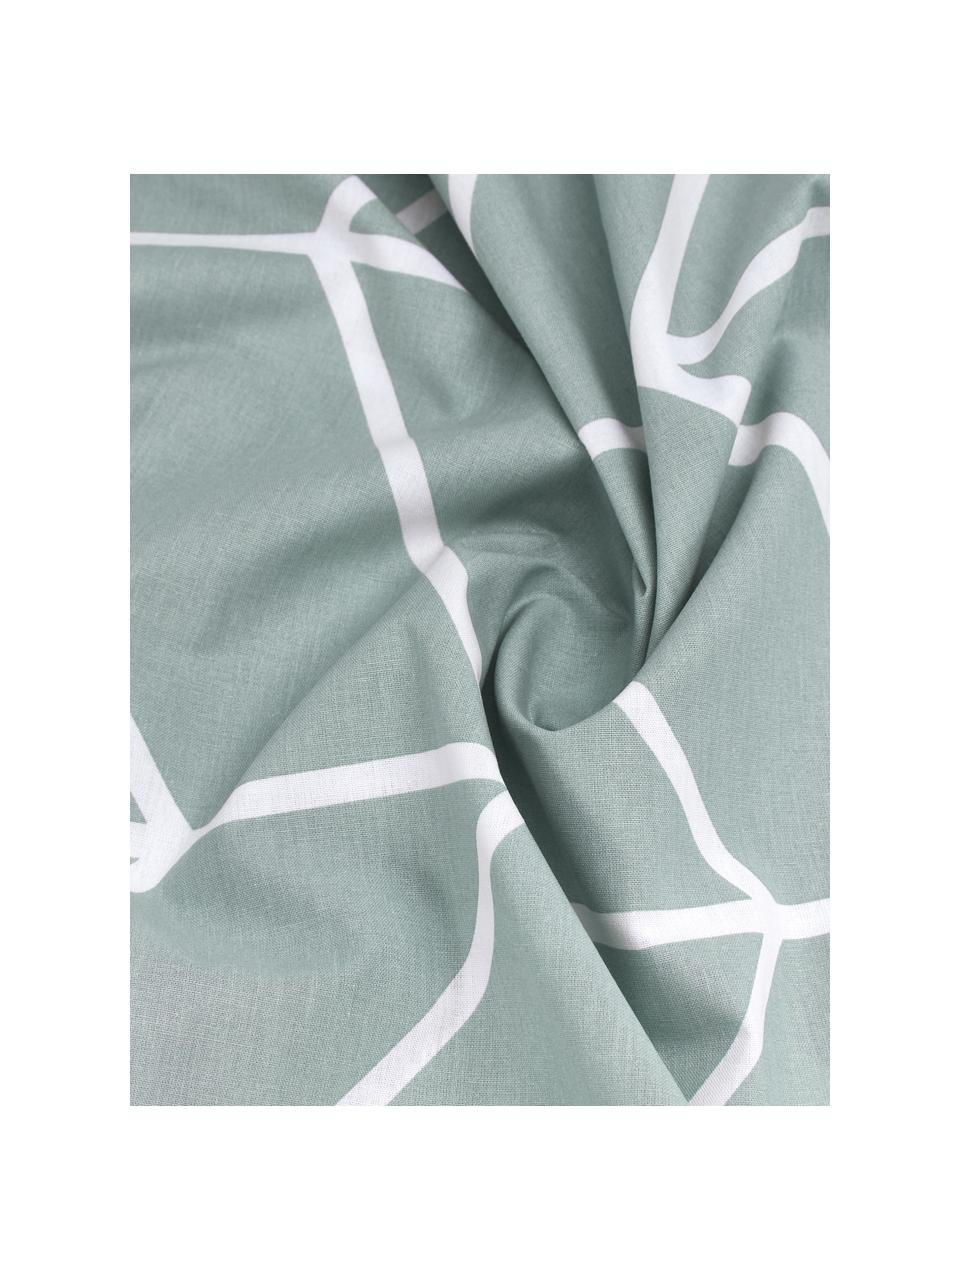 Pościel z bawełny Mirja, Zielony, kremowobiały, 155 x 220 cm + 1 poduszka 80 x 80 cm